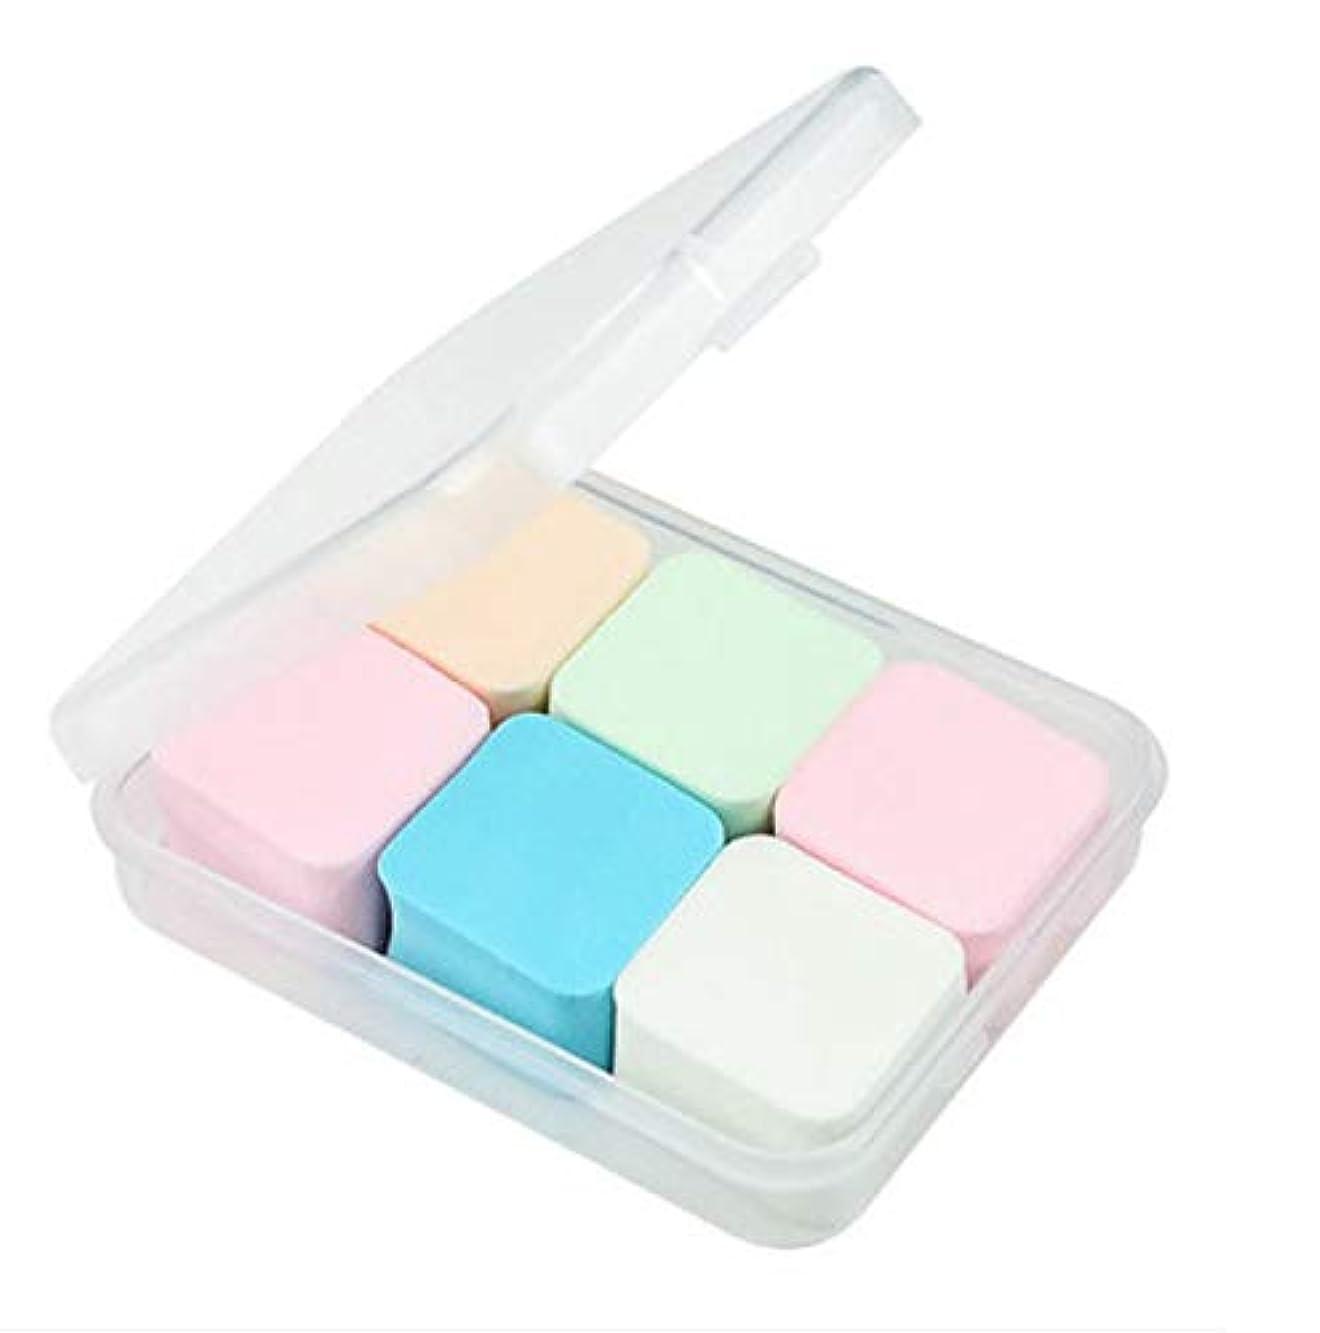 インカ帝国見物人なしで美容スポンジ、収納ボックス付きソフトダイヤモンド化粧スポンジ美容メイク卵6パック